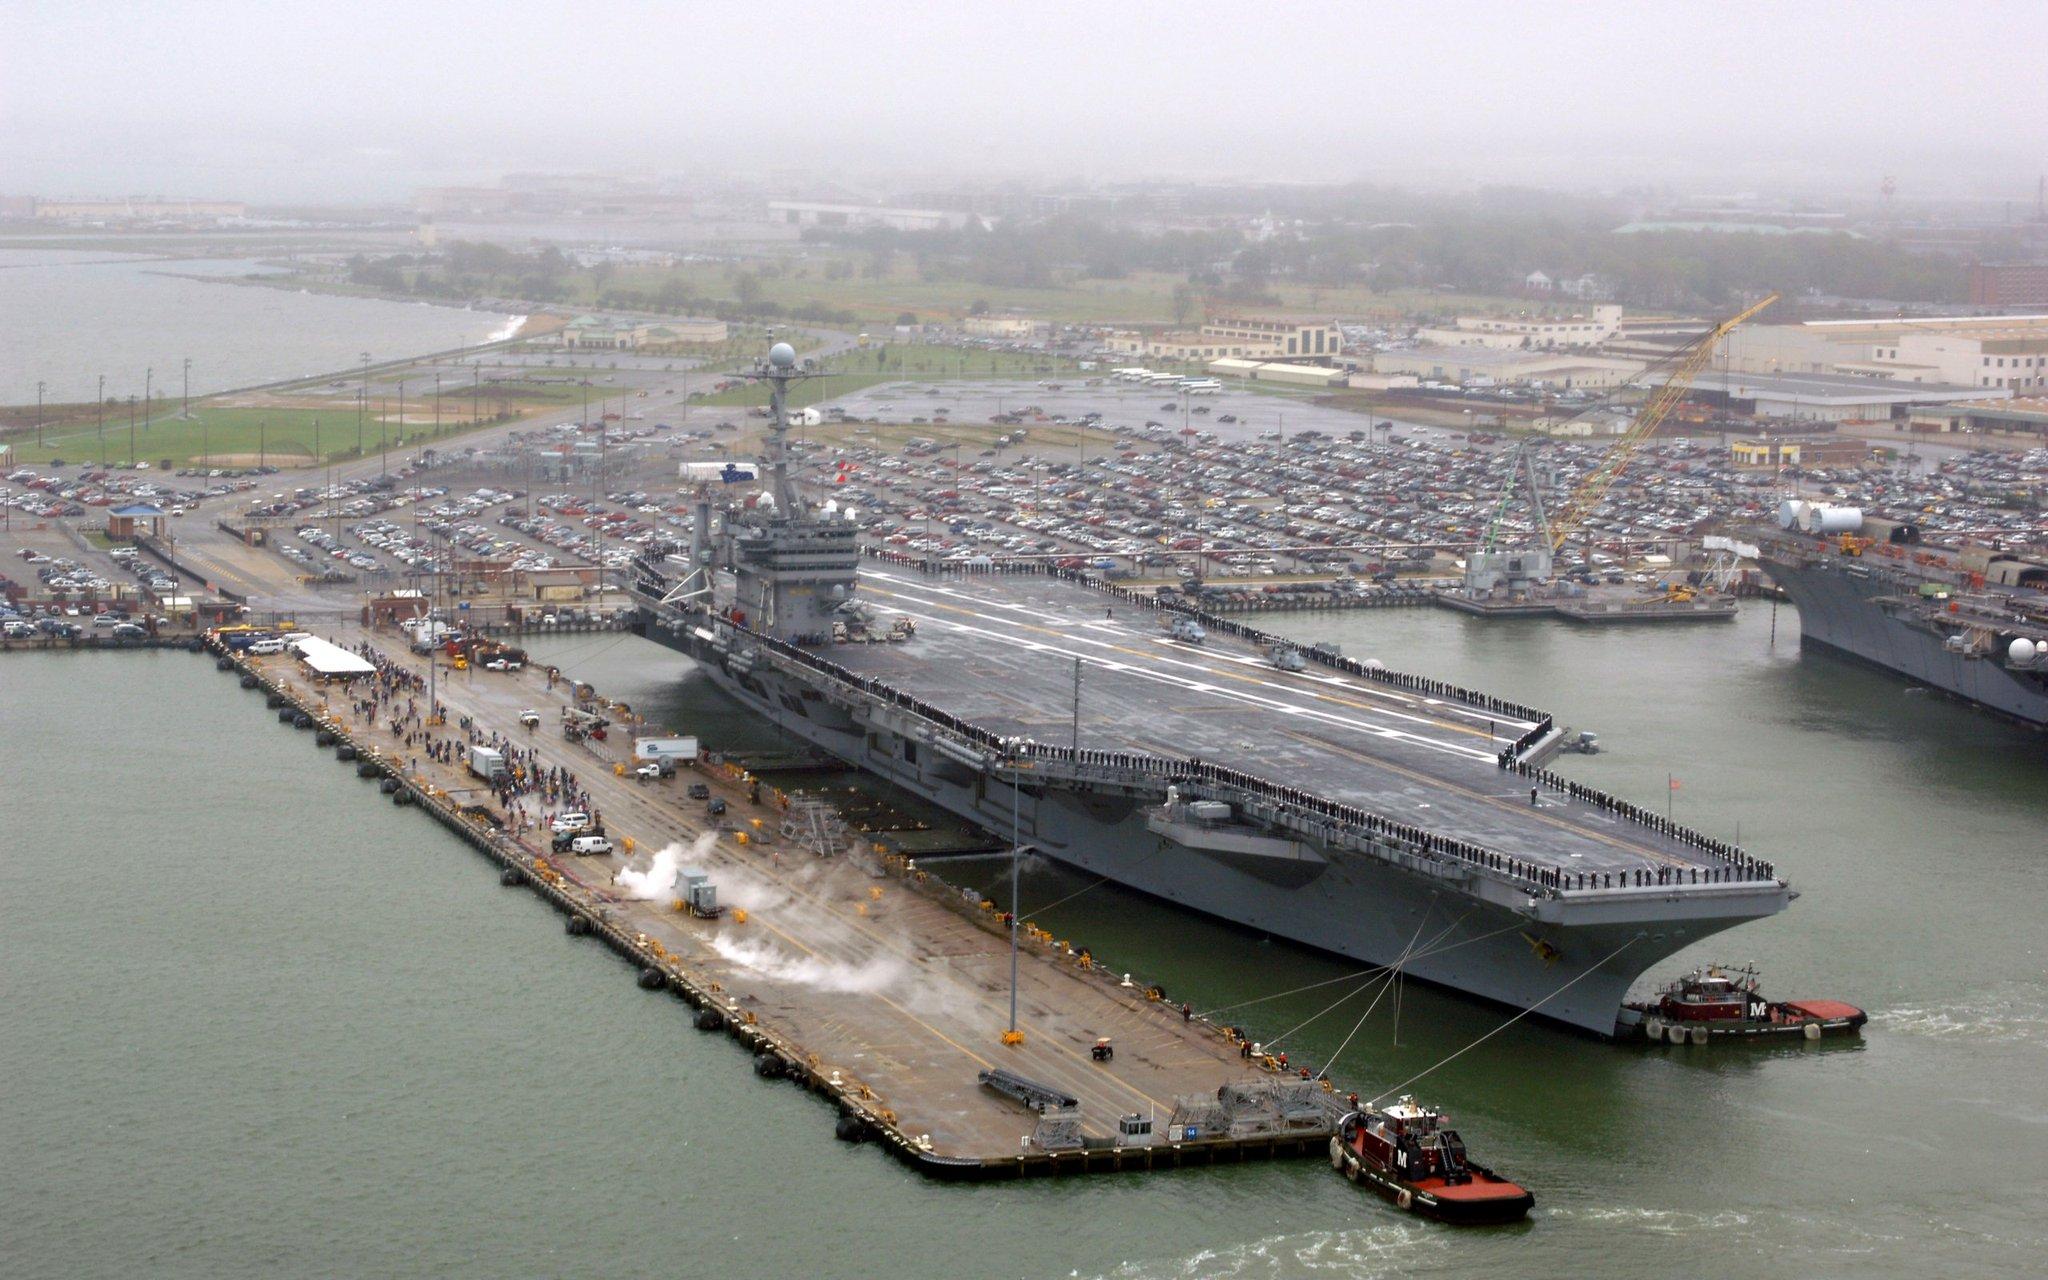 картинка крейсер сверху в порту начался ноябрь скорее